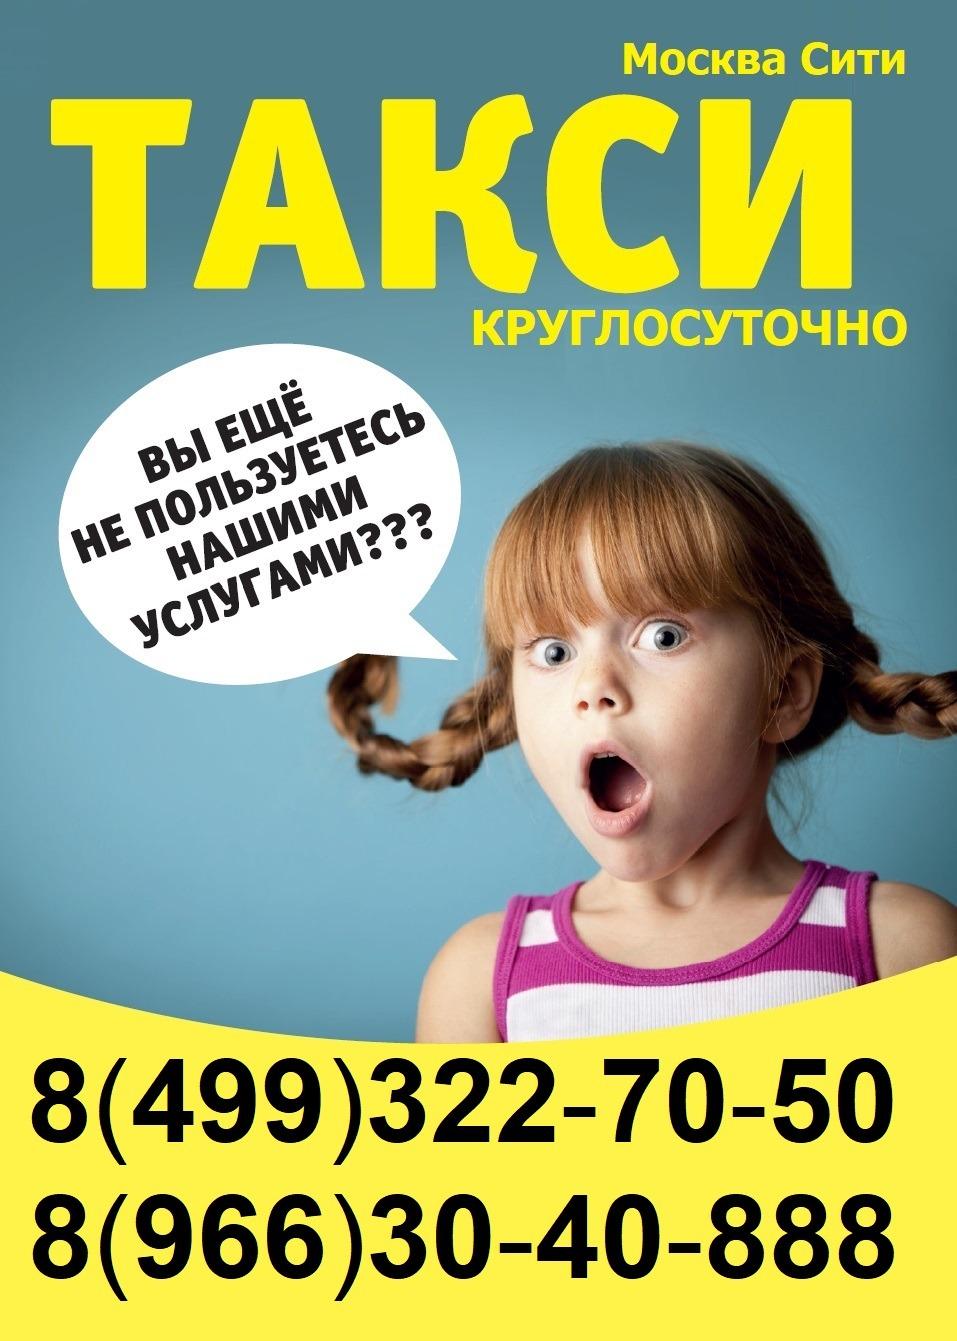 """Такси """"Москва Сити"""""""